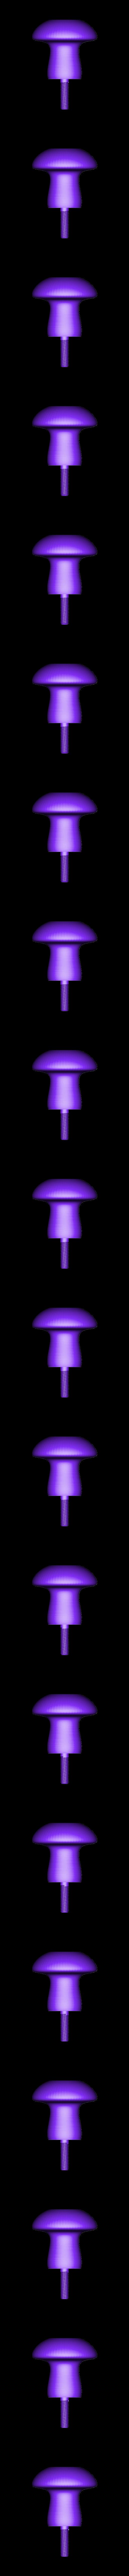 champi.STL Télécharger fichier STL gratuit poignee ronde • Objet à imprimer en 3D, Thomy